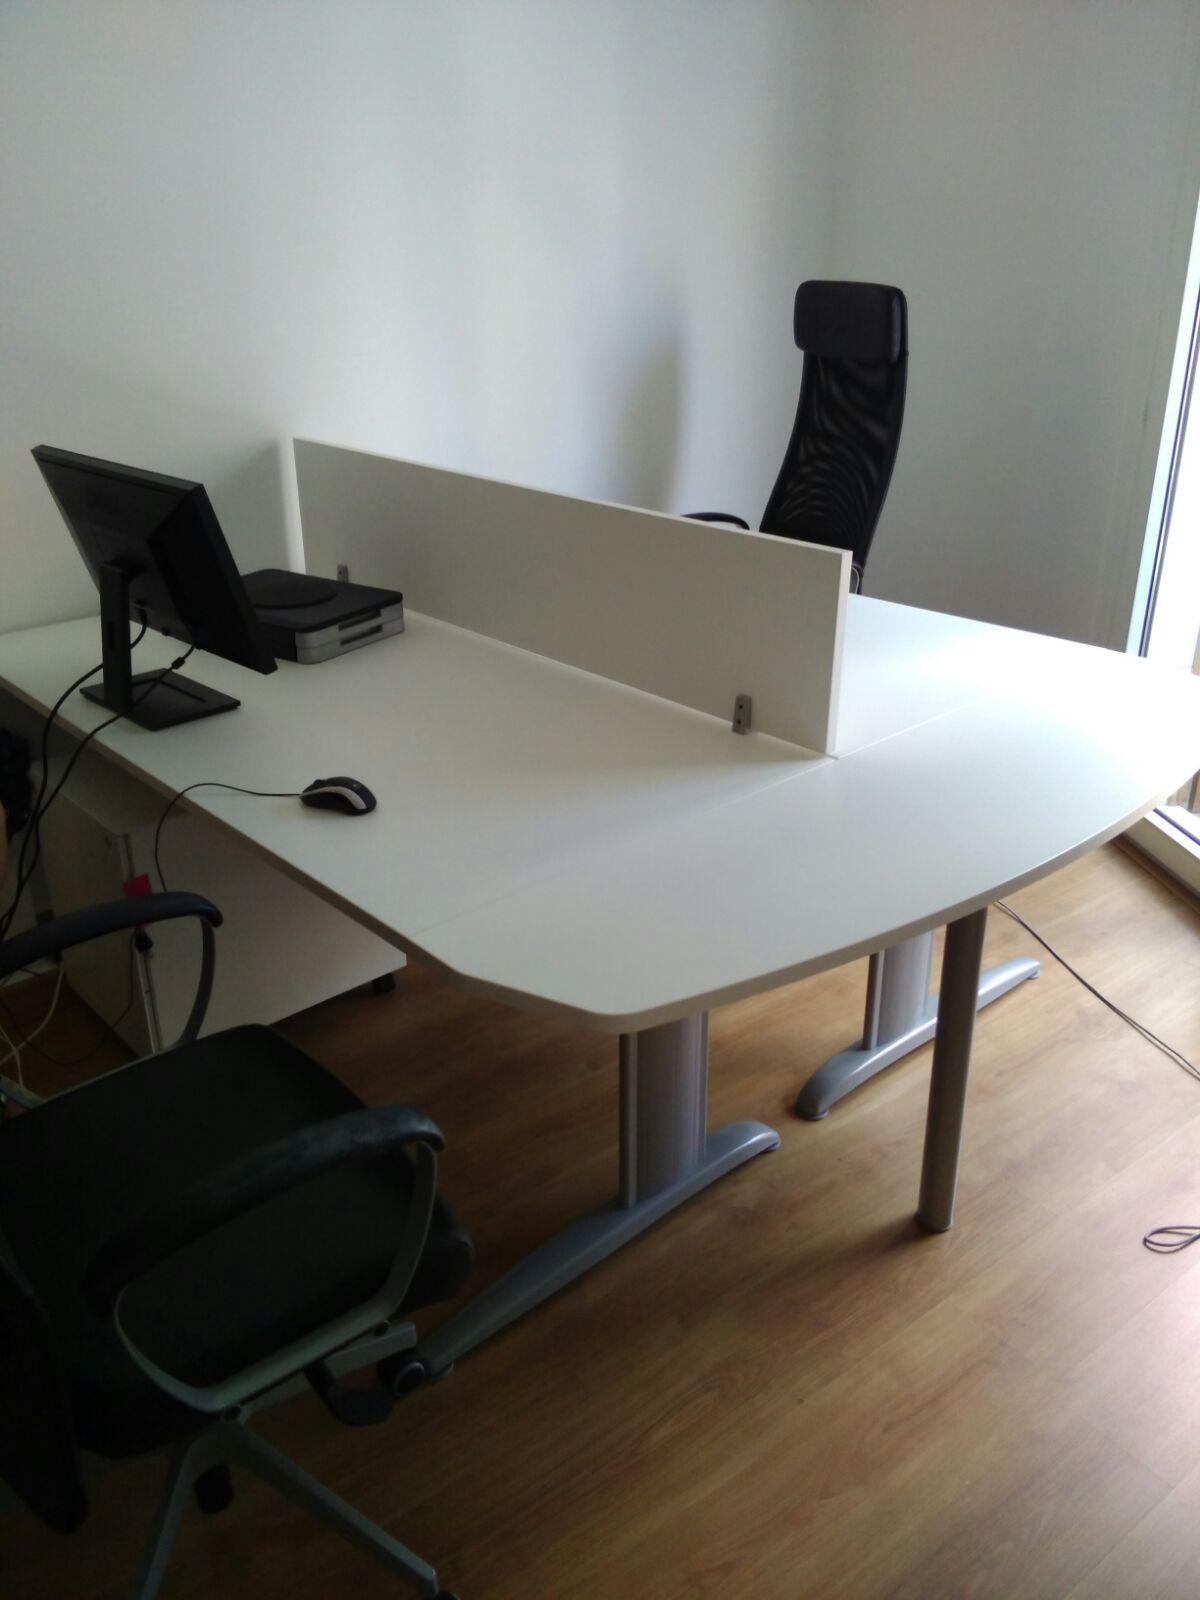 Mudanza para oficinas empresas y despachos mudanzas for Mudanza oficina